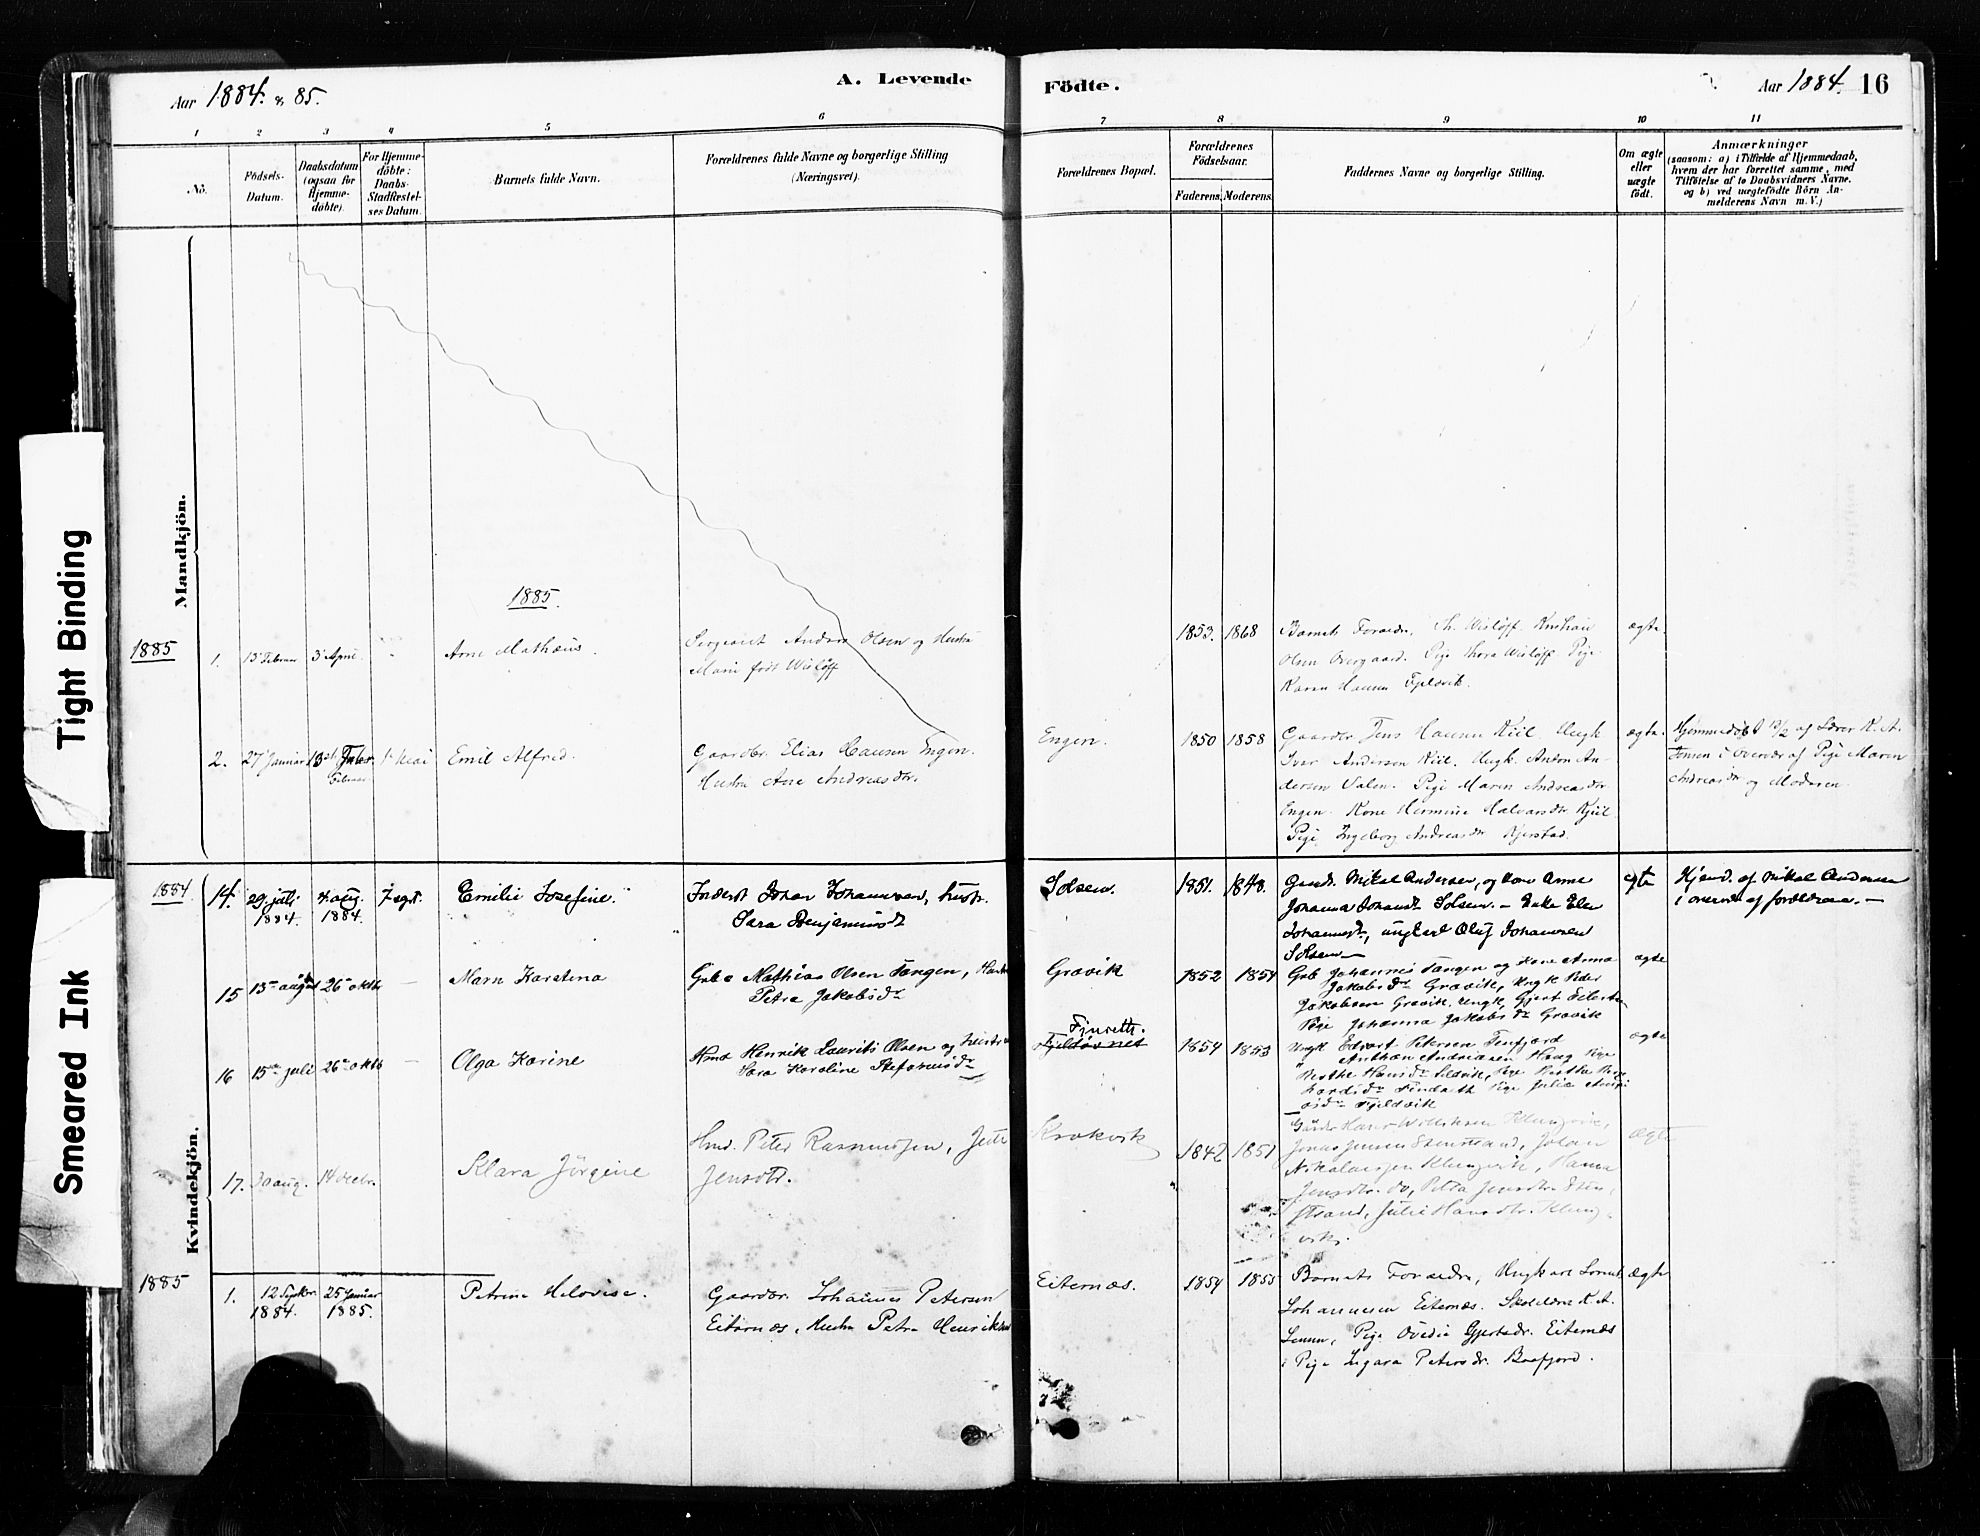 SAT, Ministerialprotokoller, klokkerbøker og fødselsregistre - Nord-Trøndelag, 789/L0705: Ministerialbok nr. 789A01, 1878-1910, s. 16